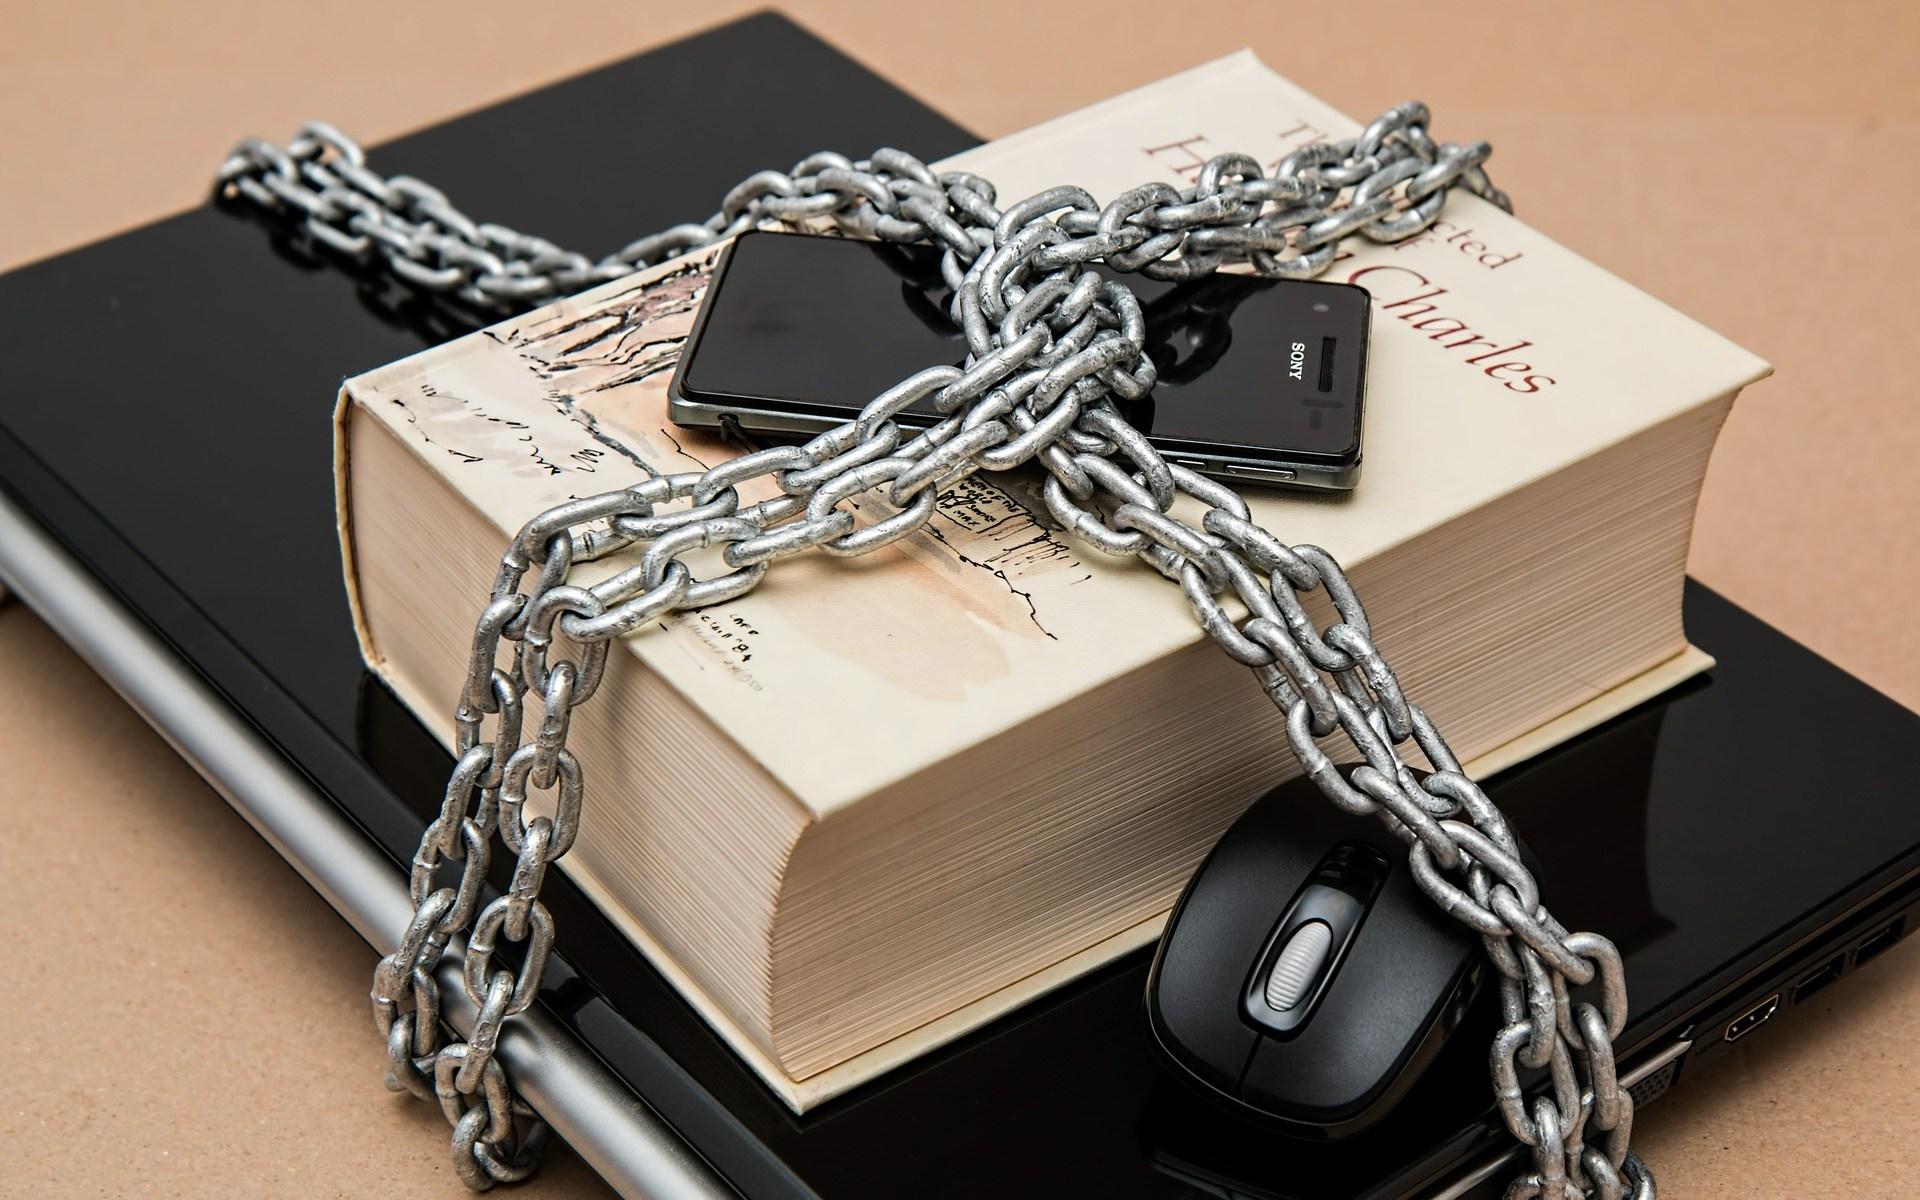 Kassensystem mit Rechteverwaltung